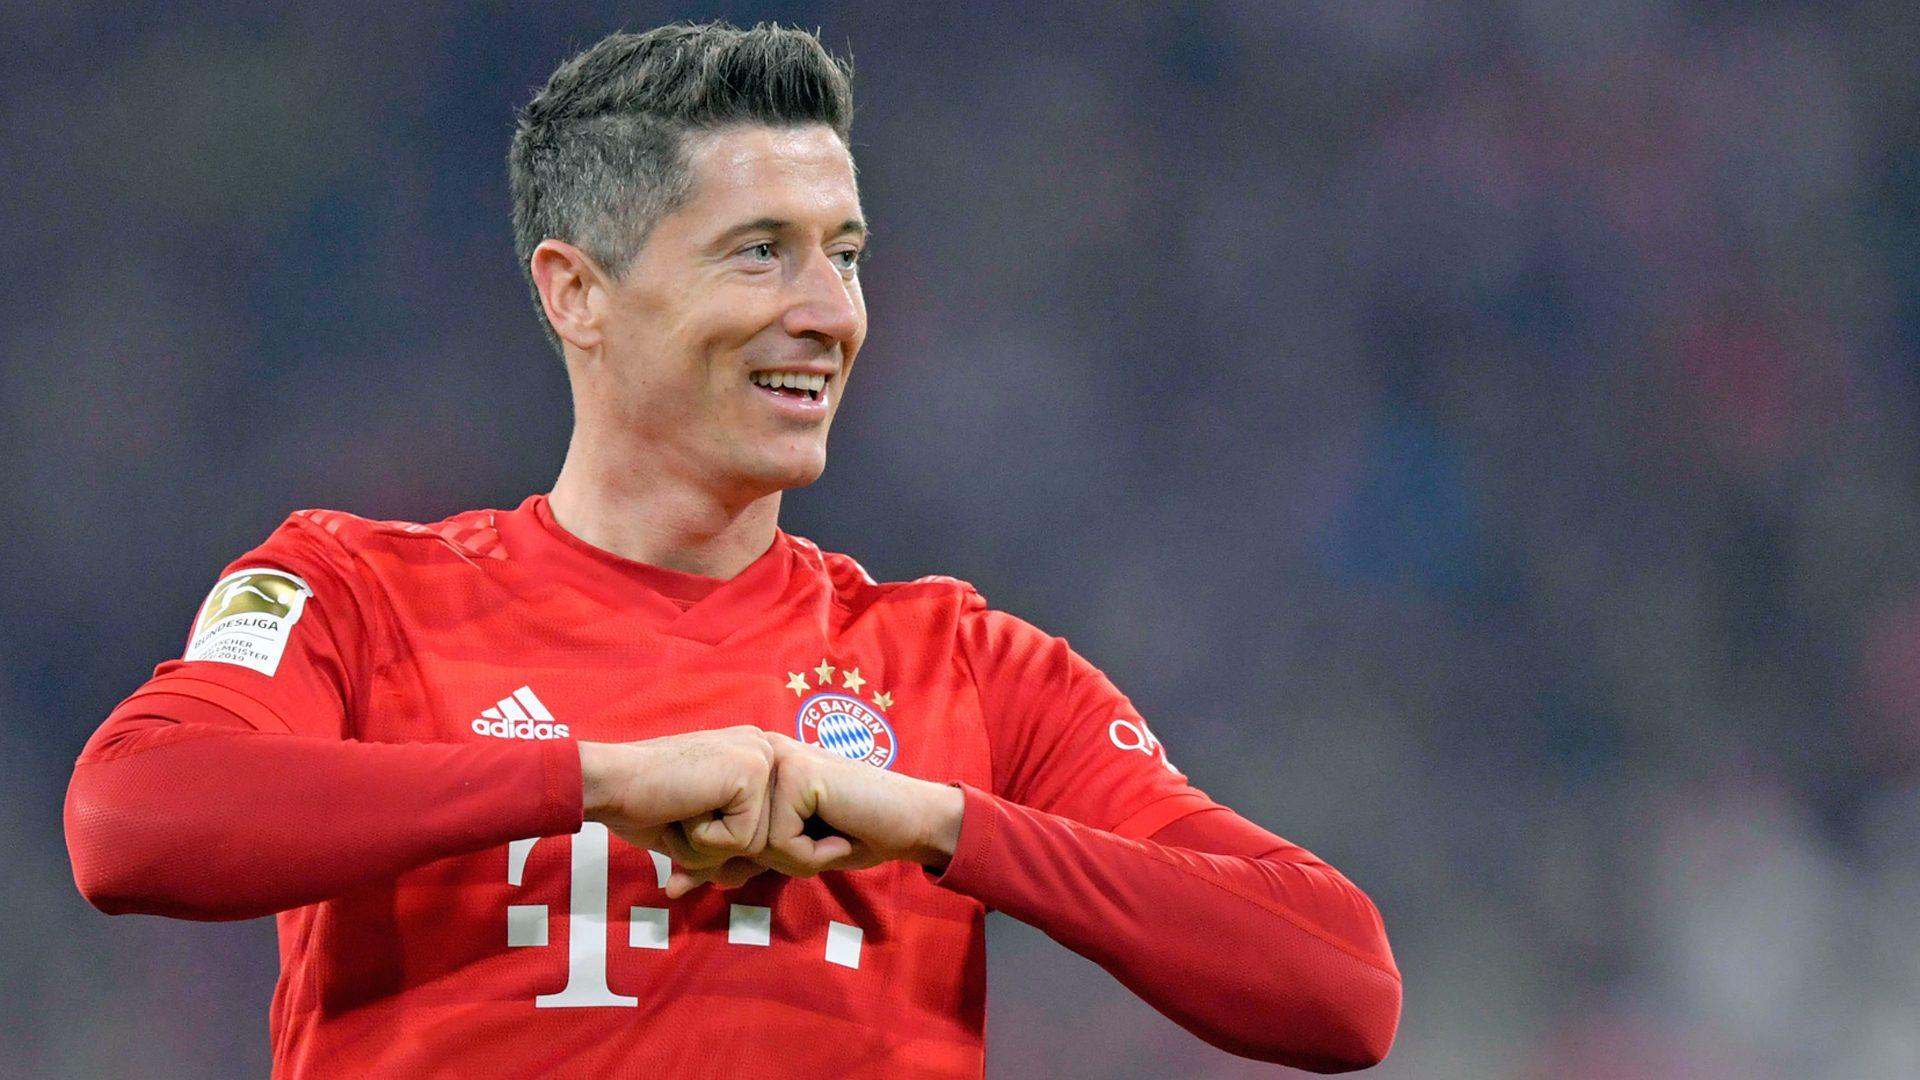 Bundesliga | Robert Lewandowski ties Bayern Munich legend Gerd Müller with 21st Bundesliga goal of the season